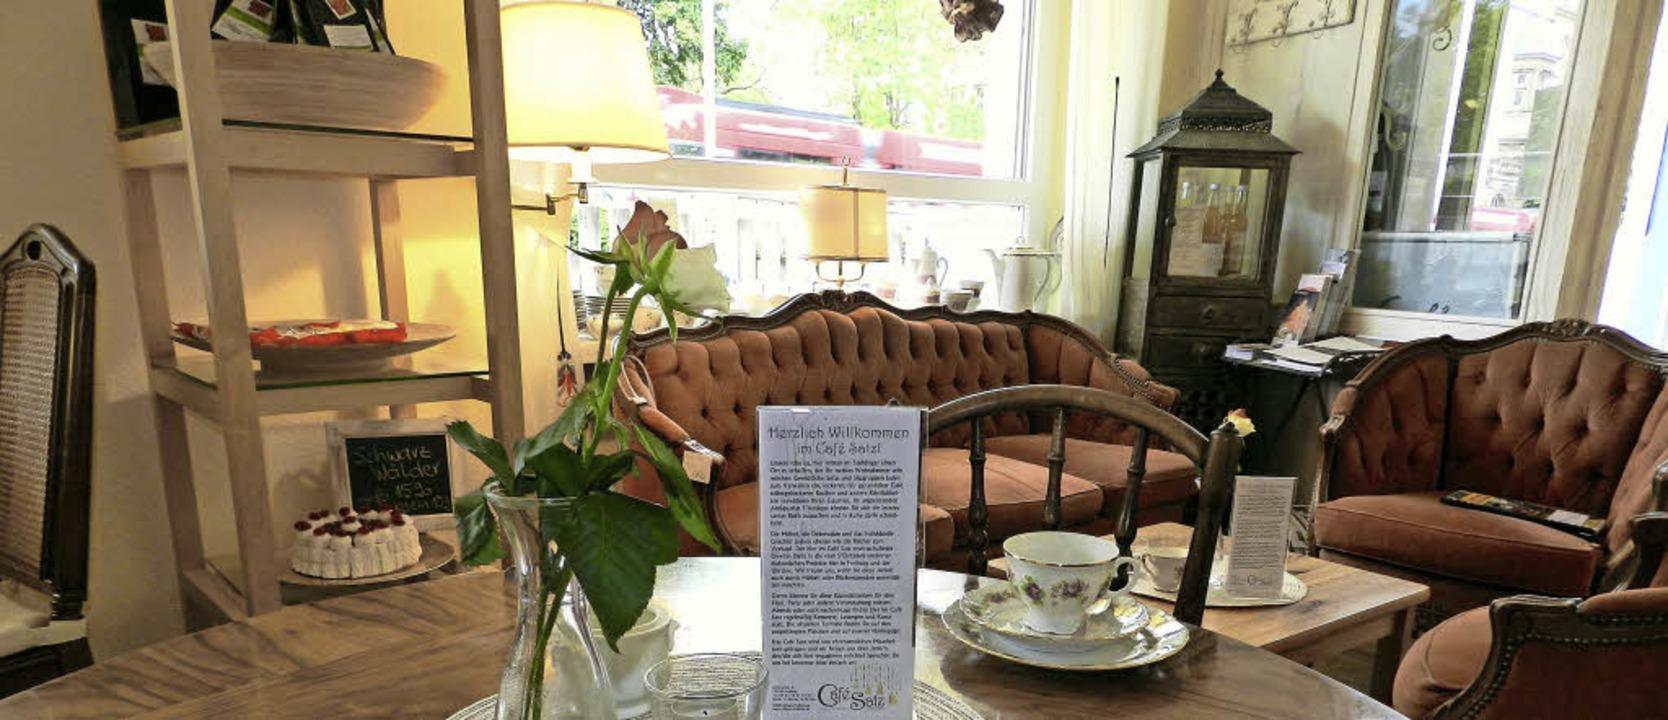 Kaffeekultur auf rotem Plüschsofa   | Foto: privat